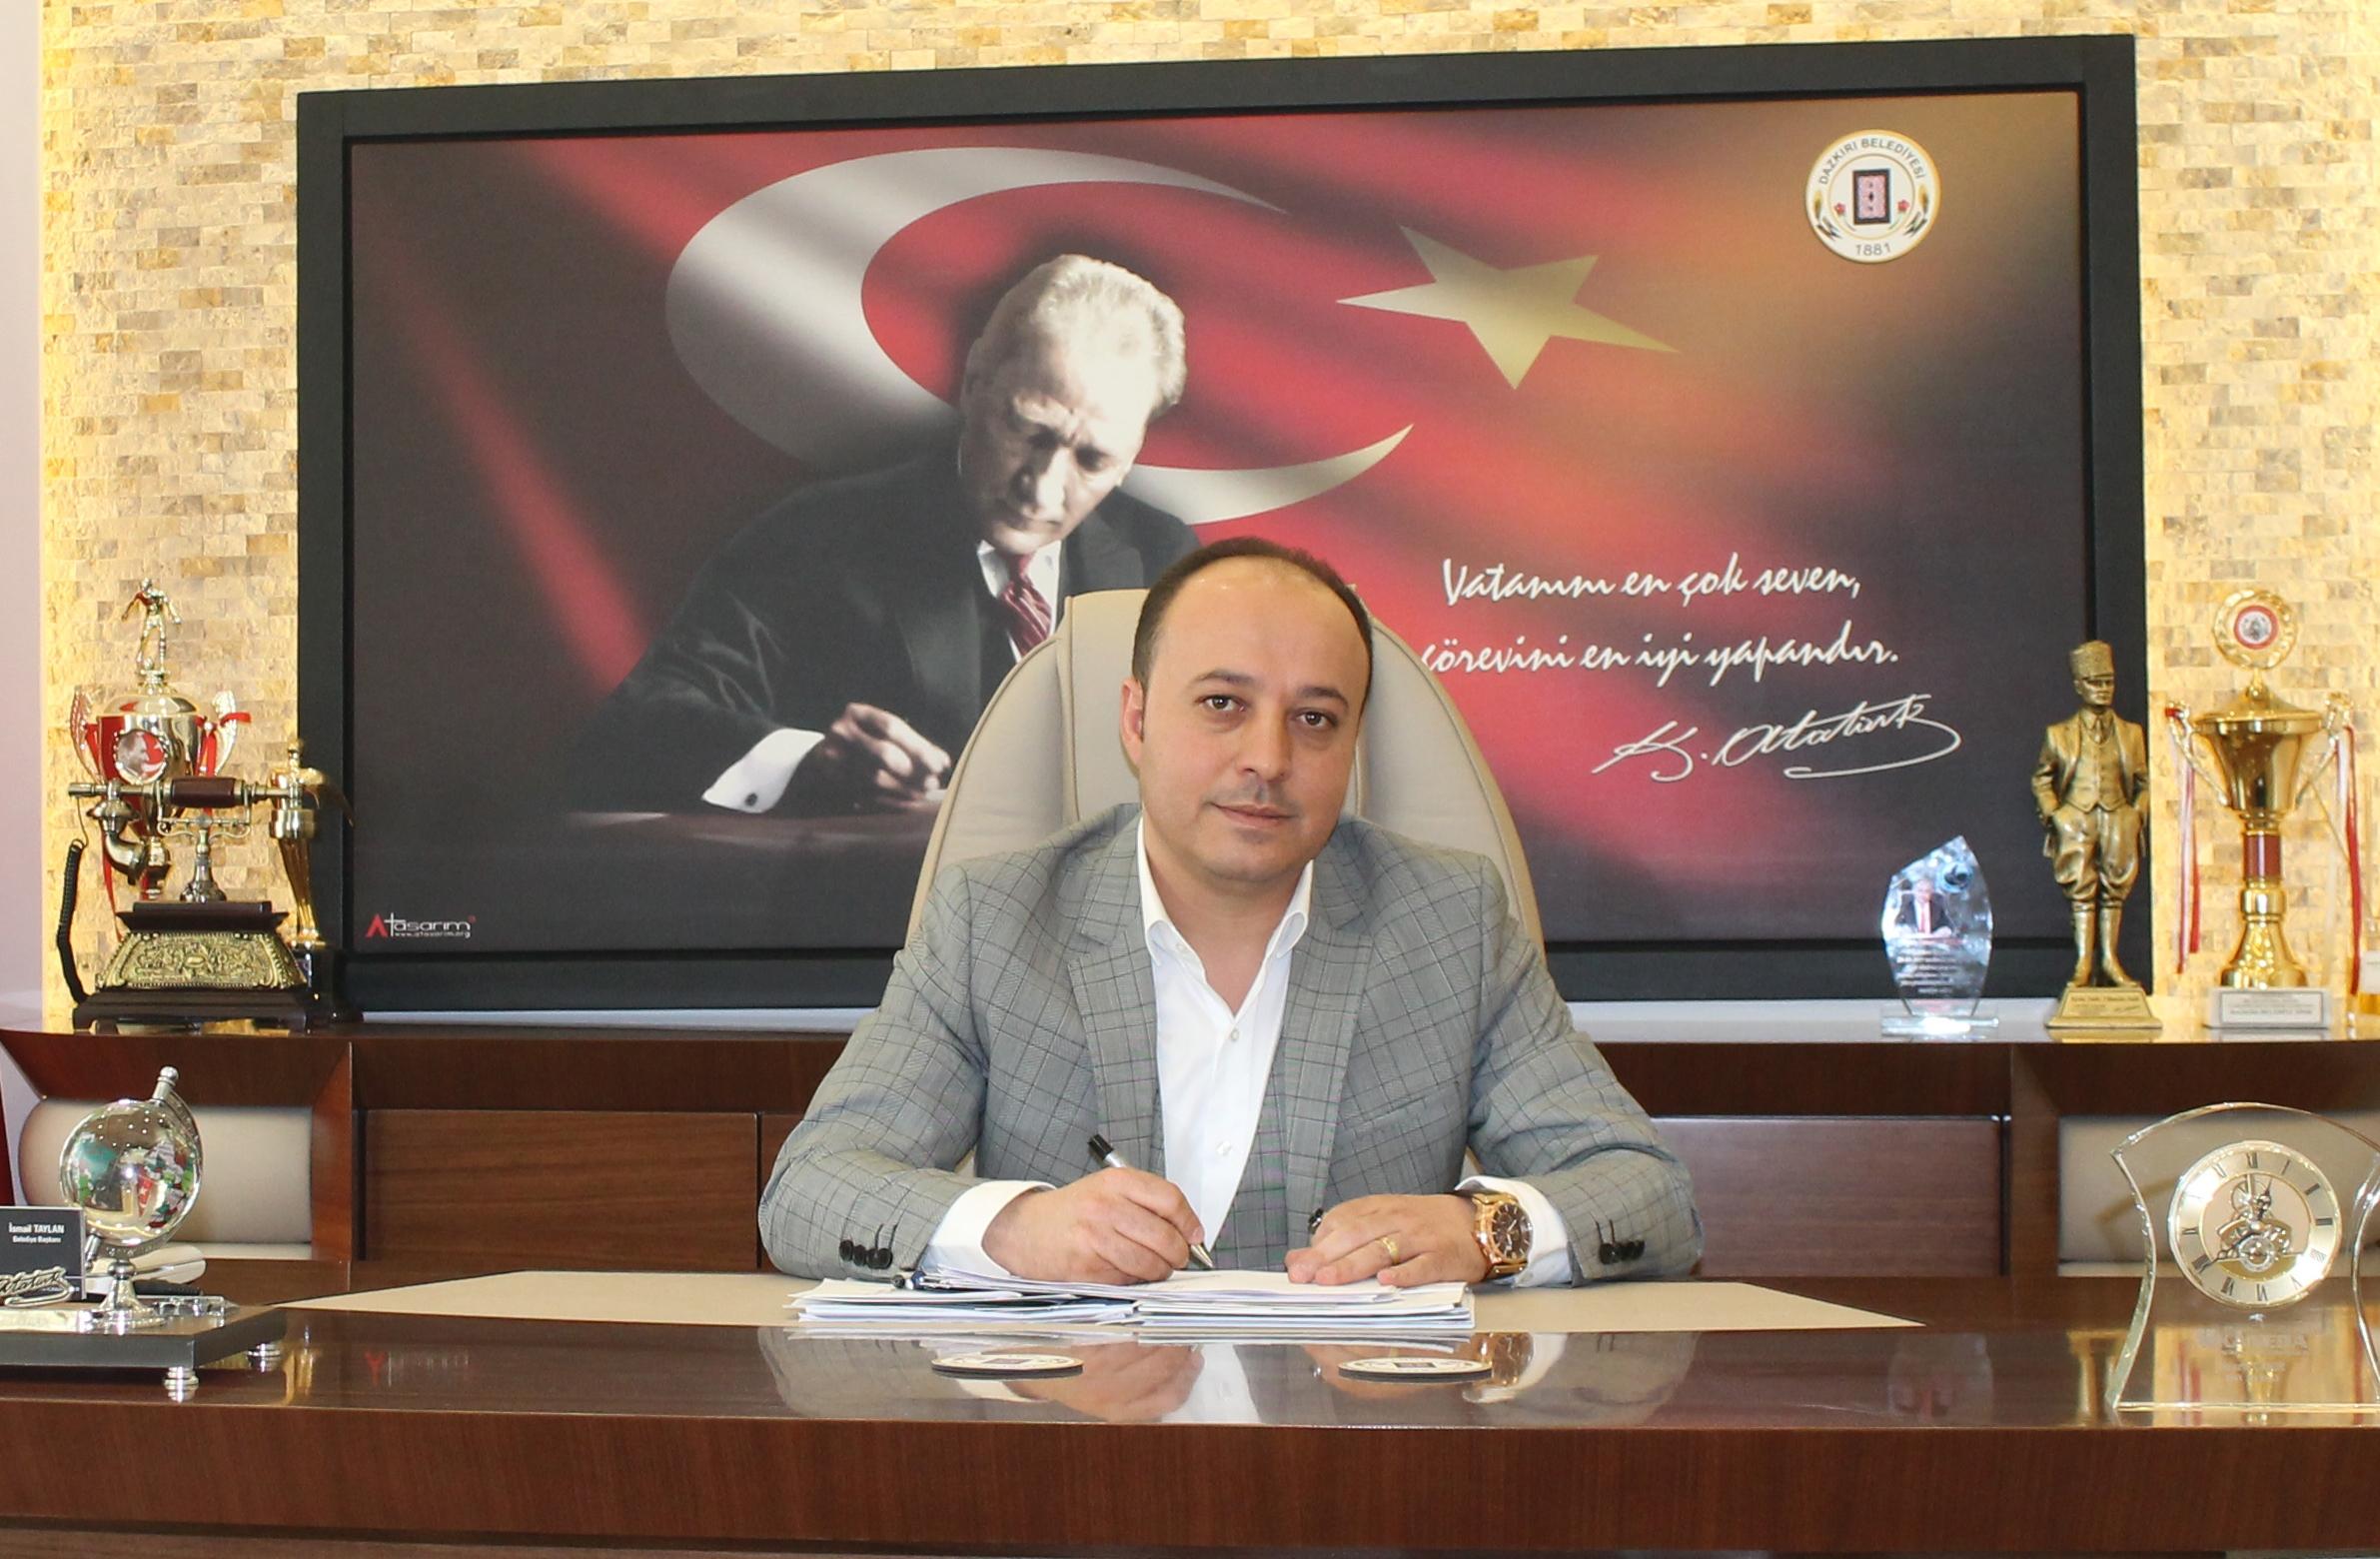 taylan yetkin thesis Plagiarism in turkey - open letters --- türki̇ye'de bi̇li̇m izzet ozgenc supreme court : plagiarized phd thesis :: taylan yetkin most famous ones.